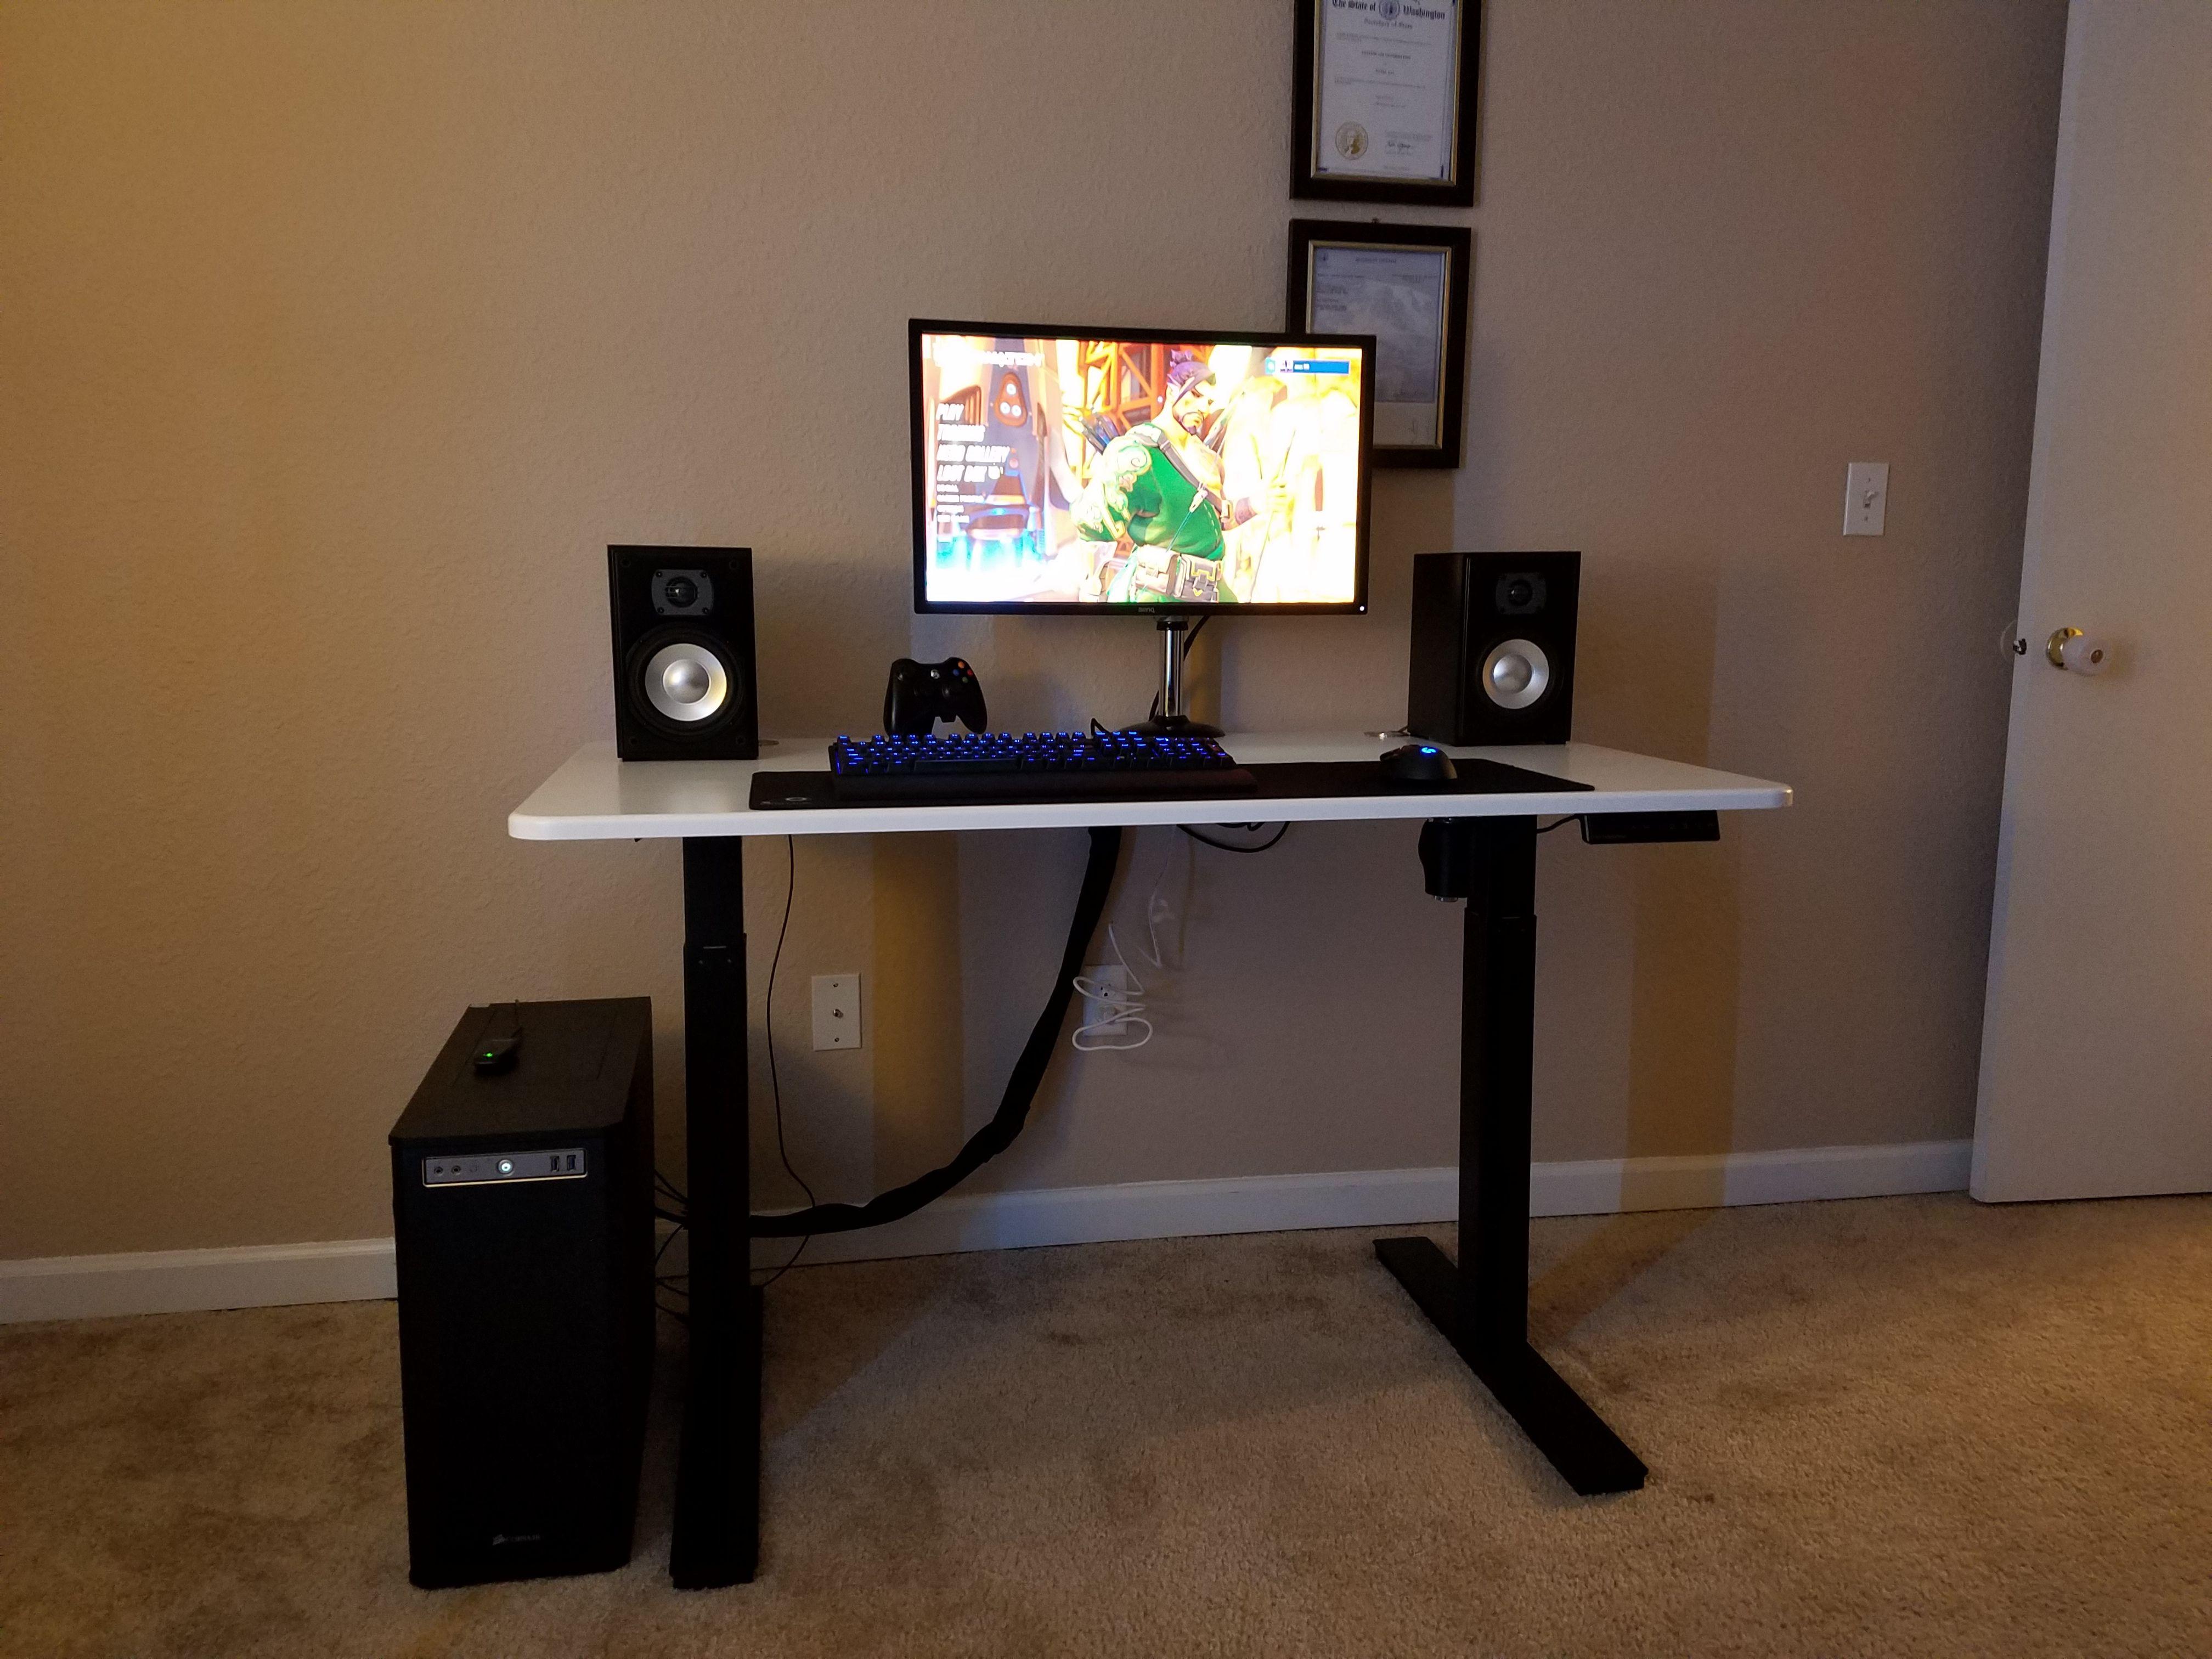 Finally Got My Autonomous Smart Desk